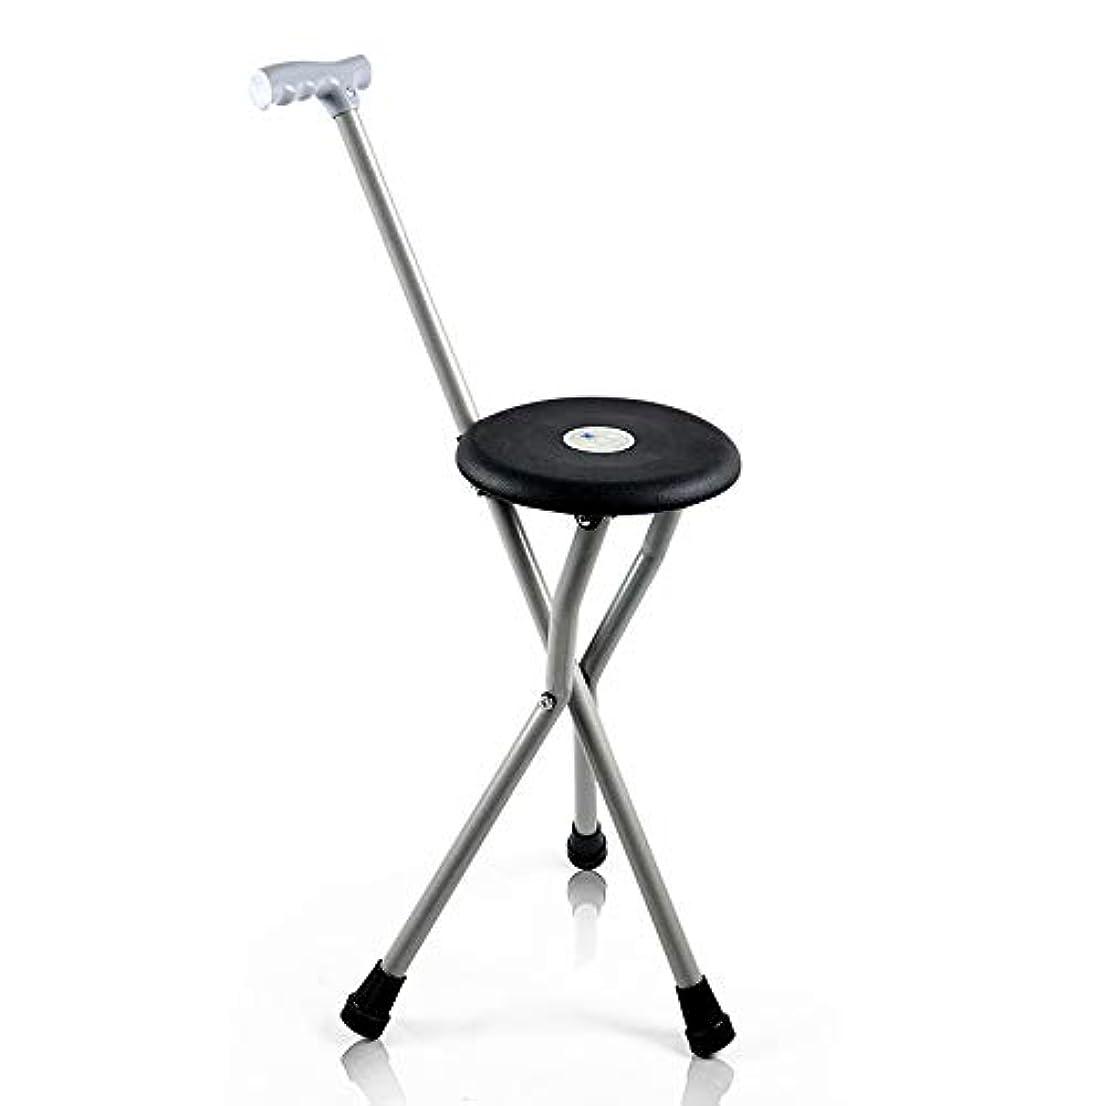 麻酔薬吸収剤ナットドライブ医療デラックス折りたたみ杖座席調節可能な折りたたみ杖椅子スツールマッサージ杖付き杖